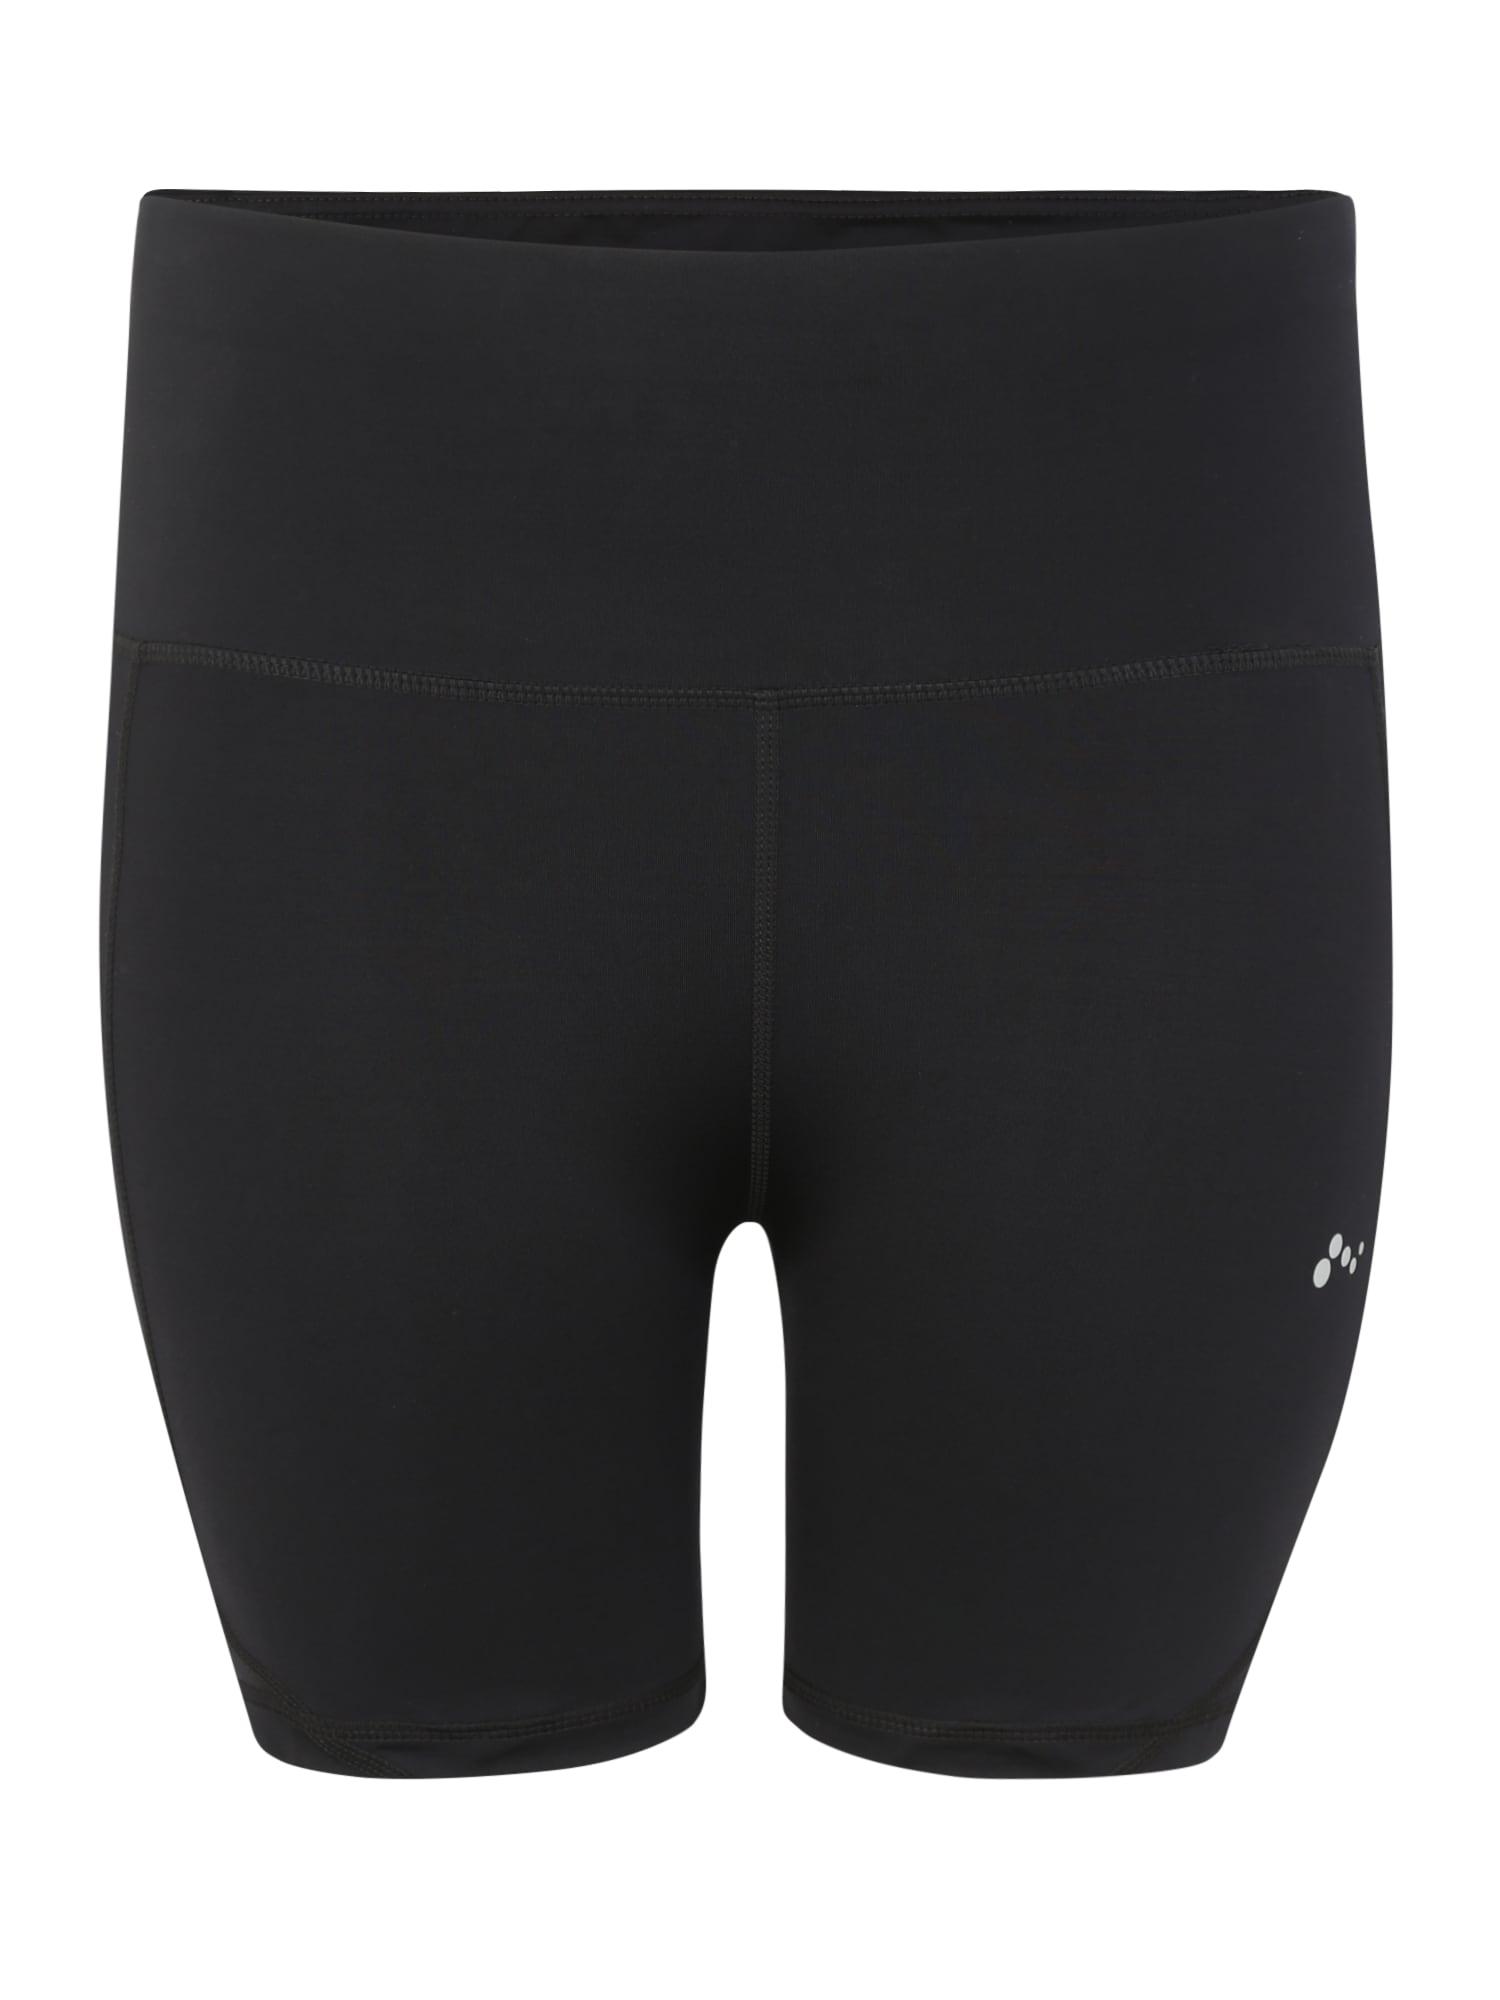 Sportovní kalhoty onpMADGE SHAPE UP TRAI SHORTS - CURVY černá Only Play Curvy